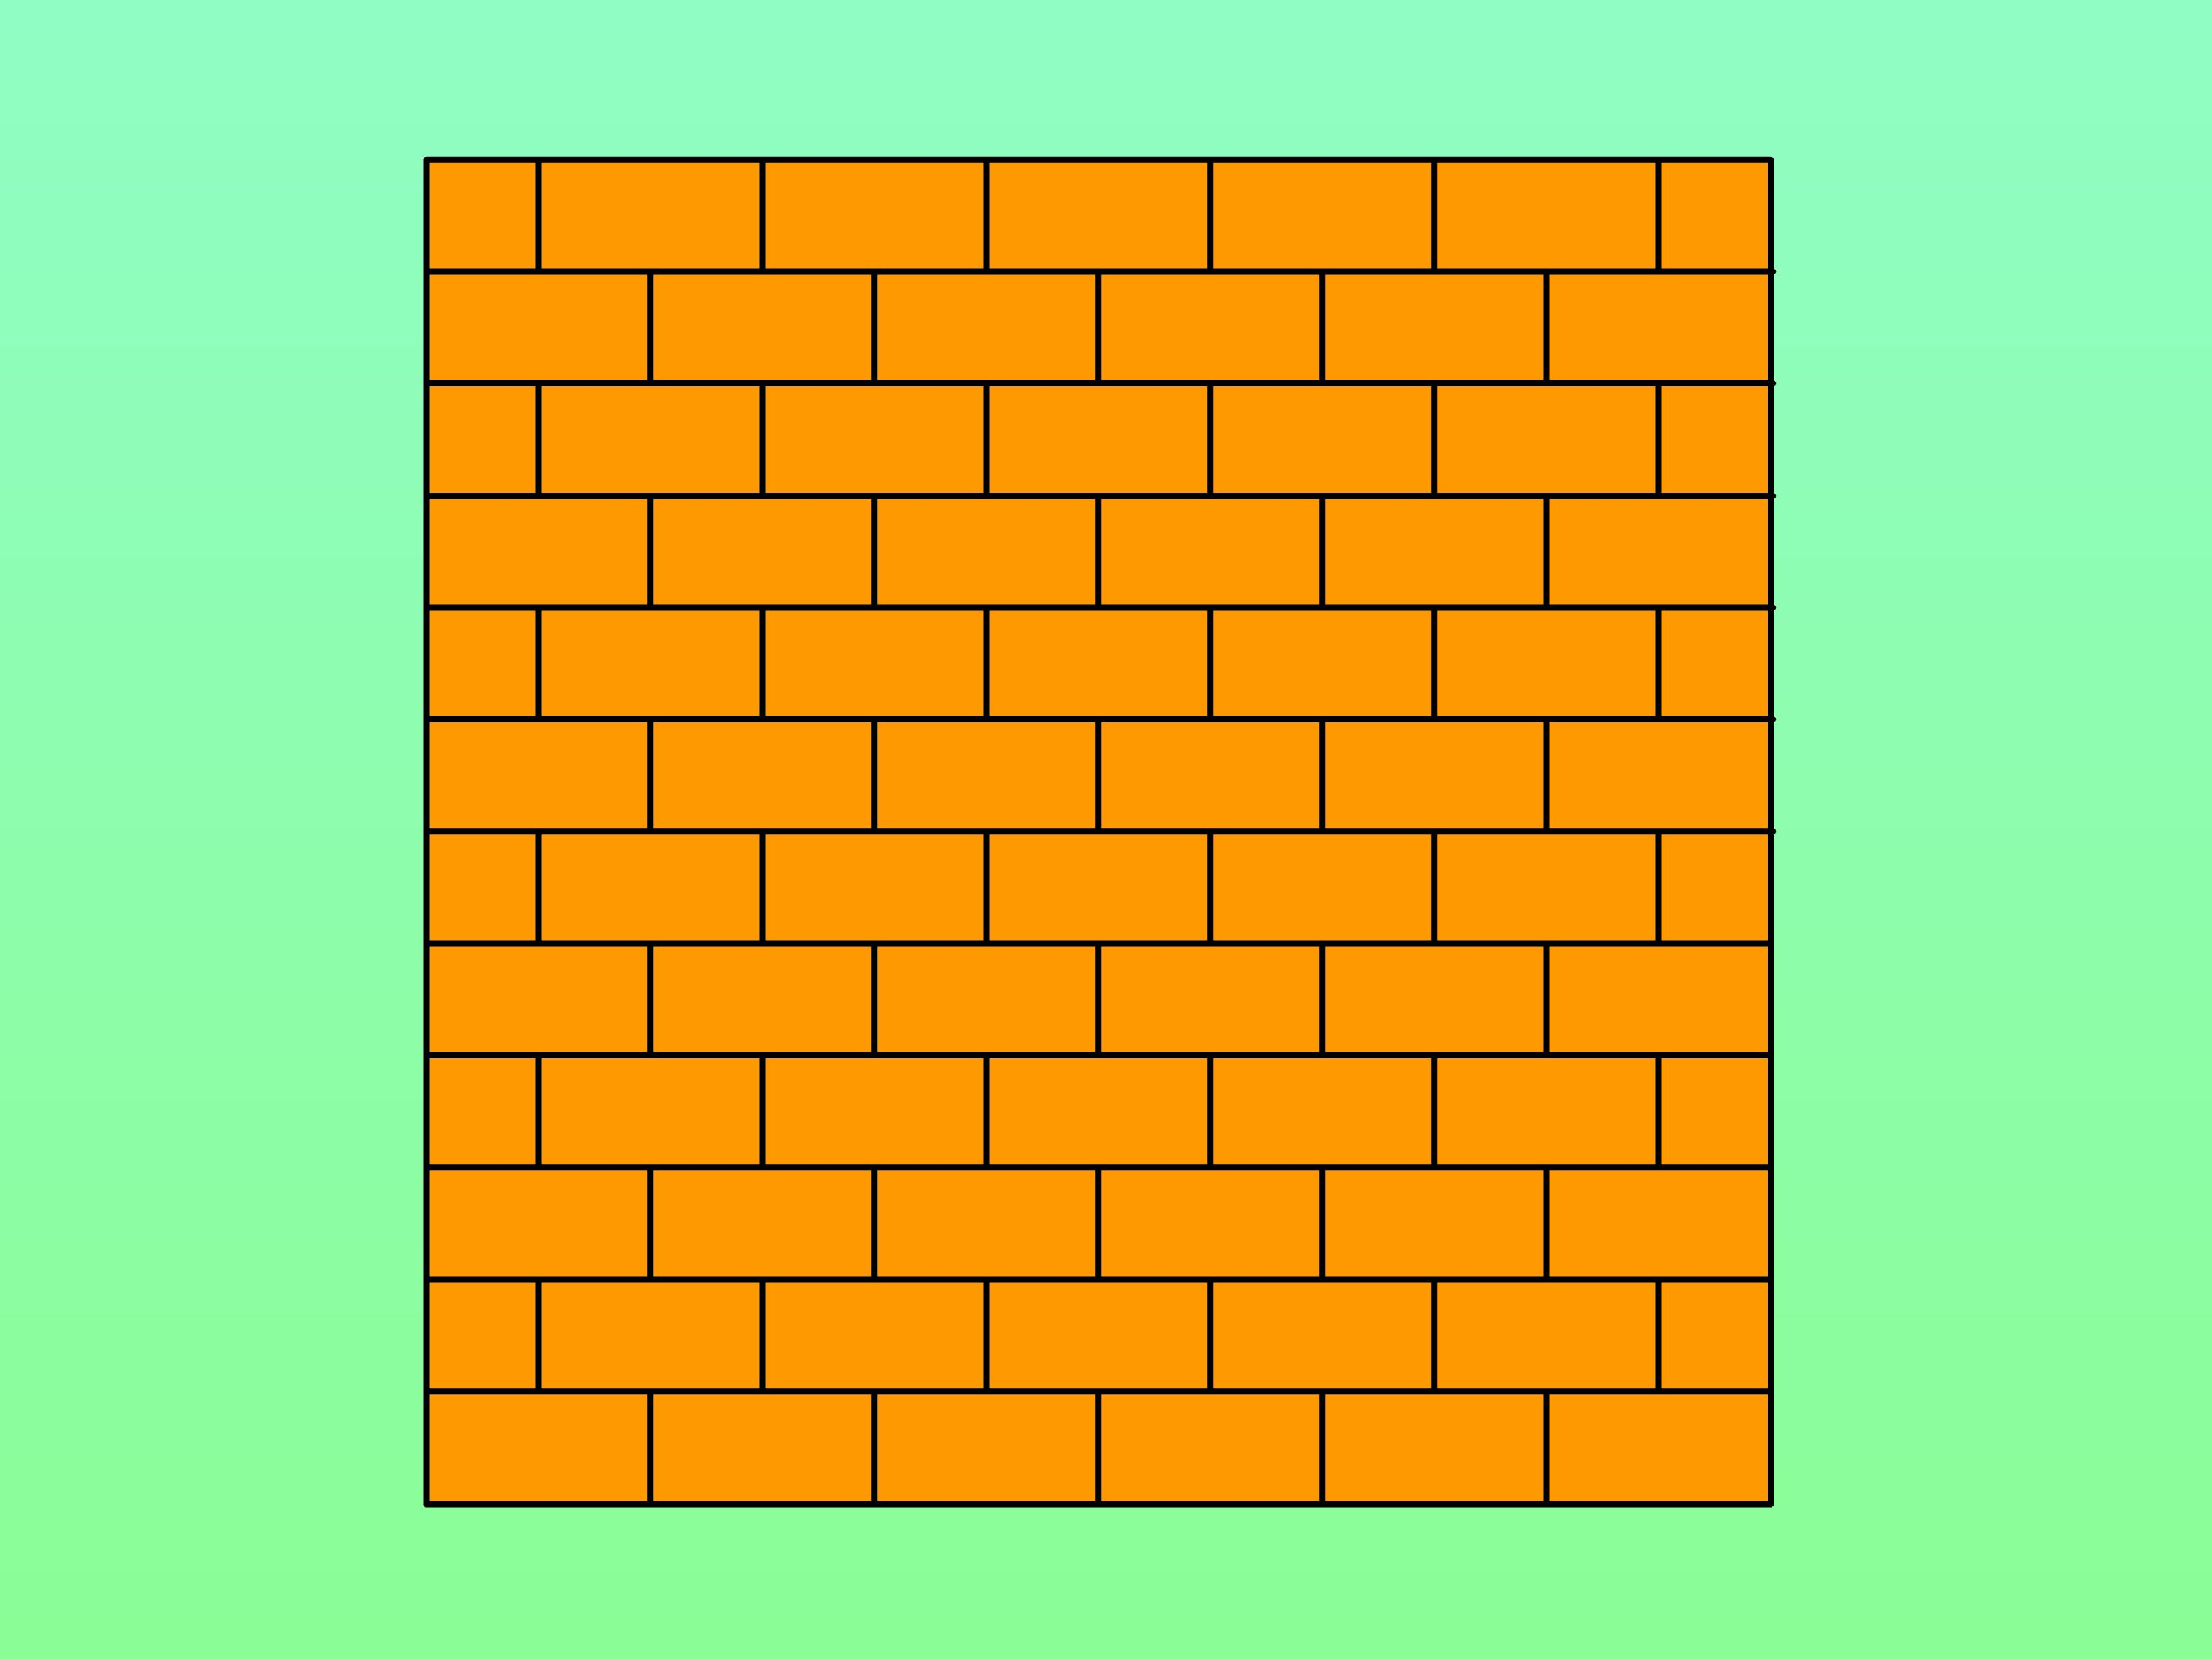 Draw A Brick Wall